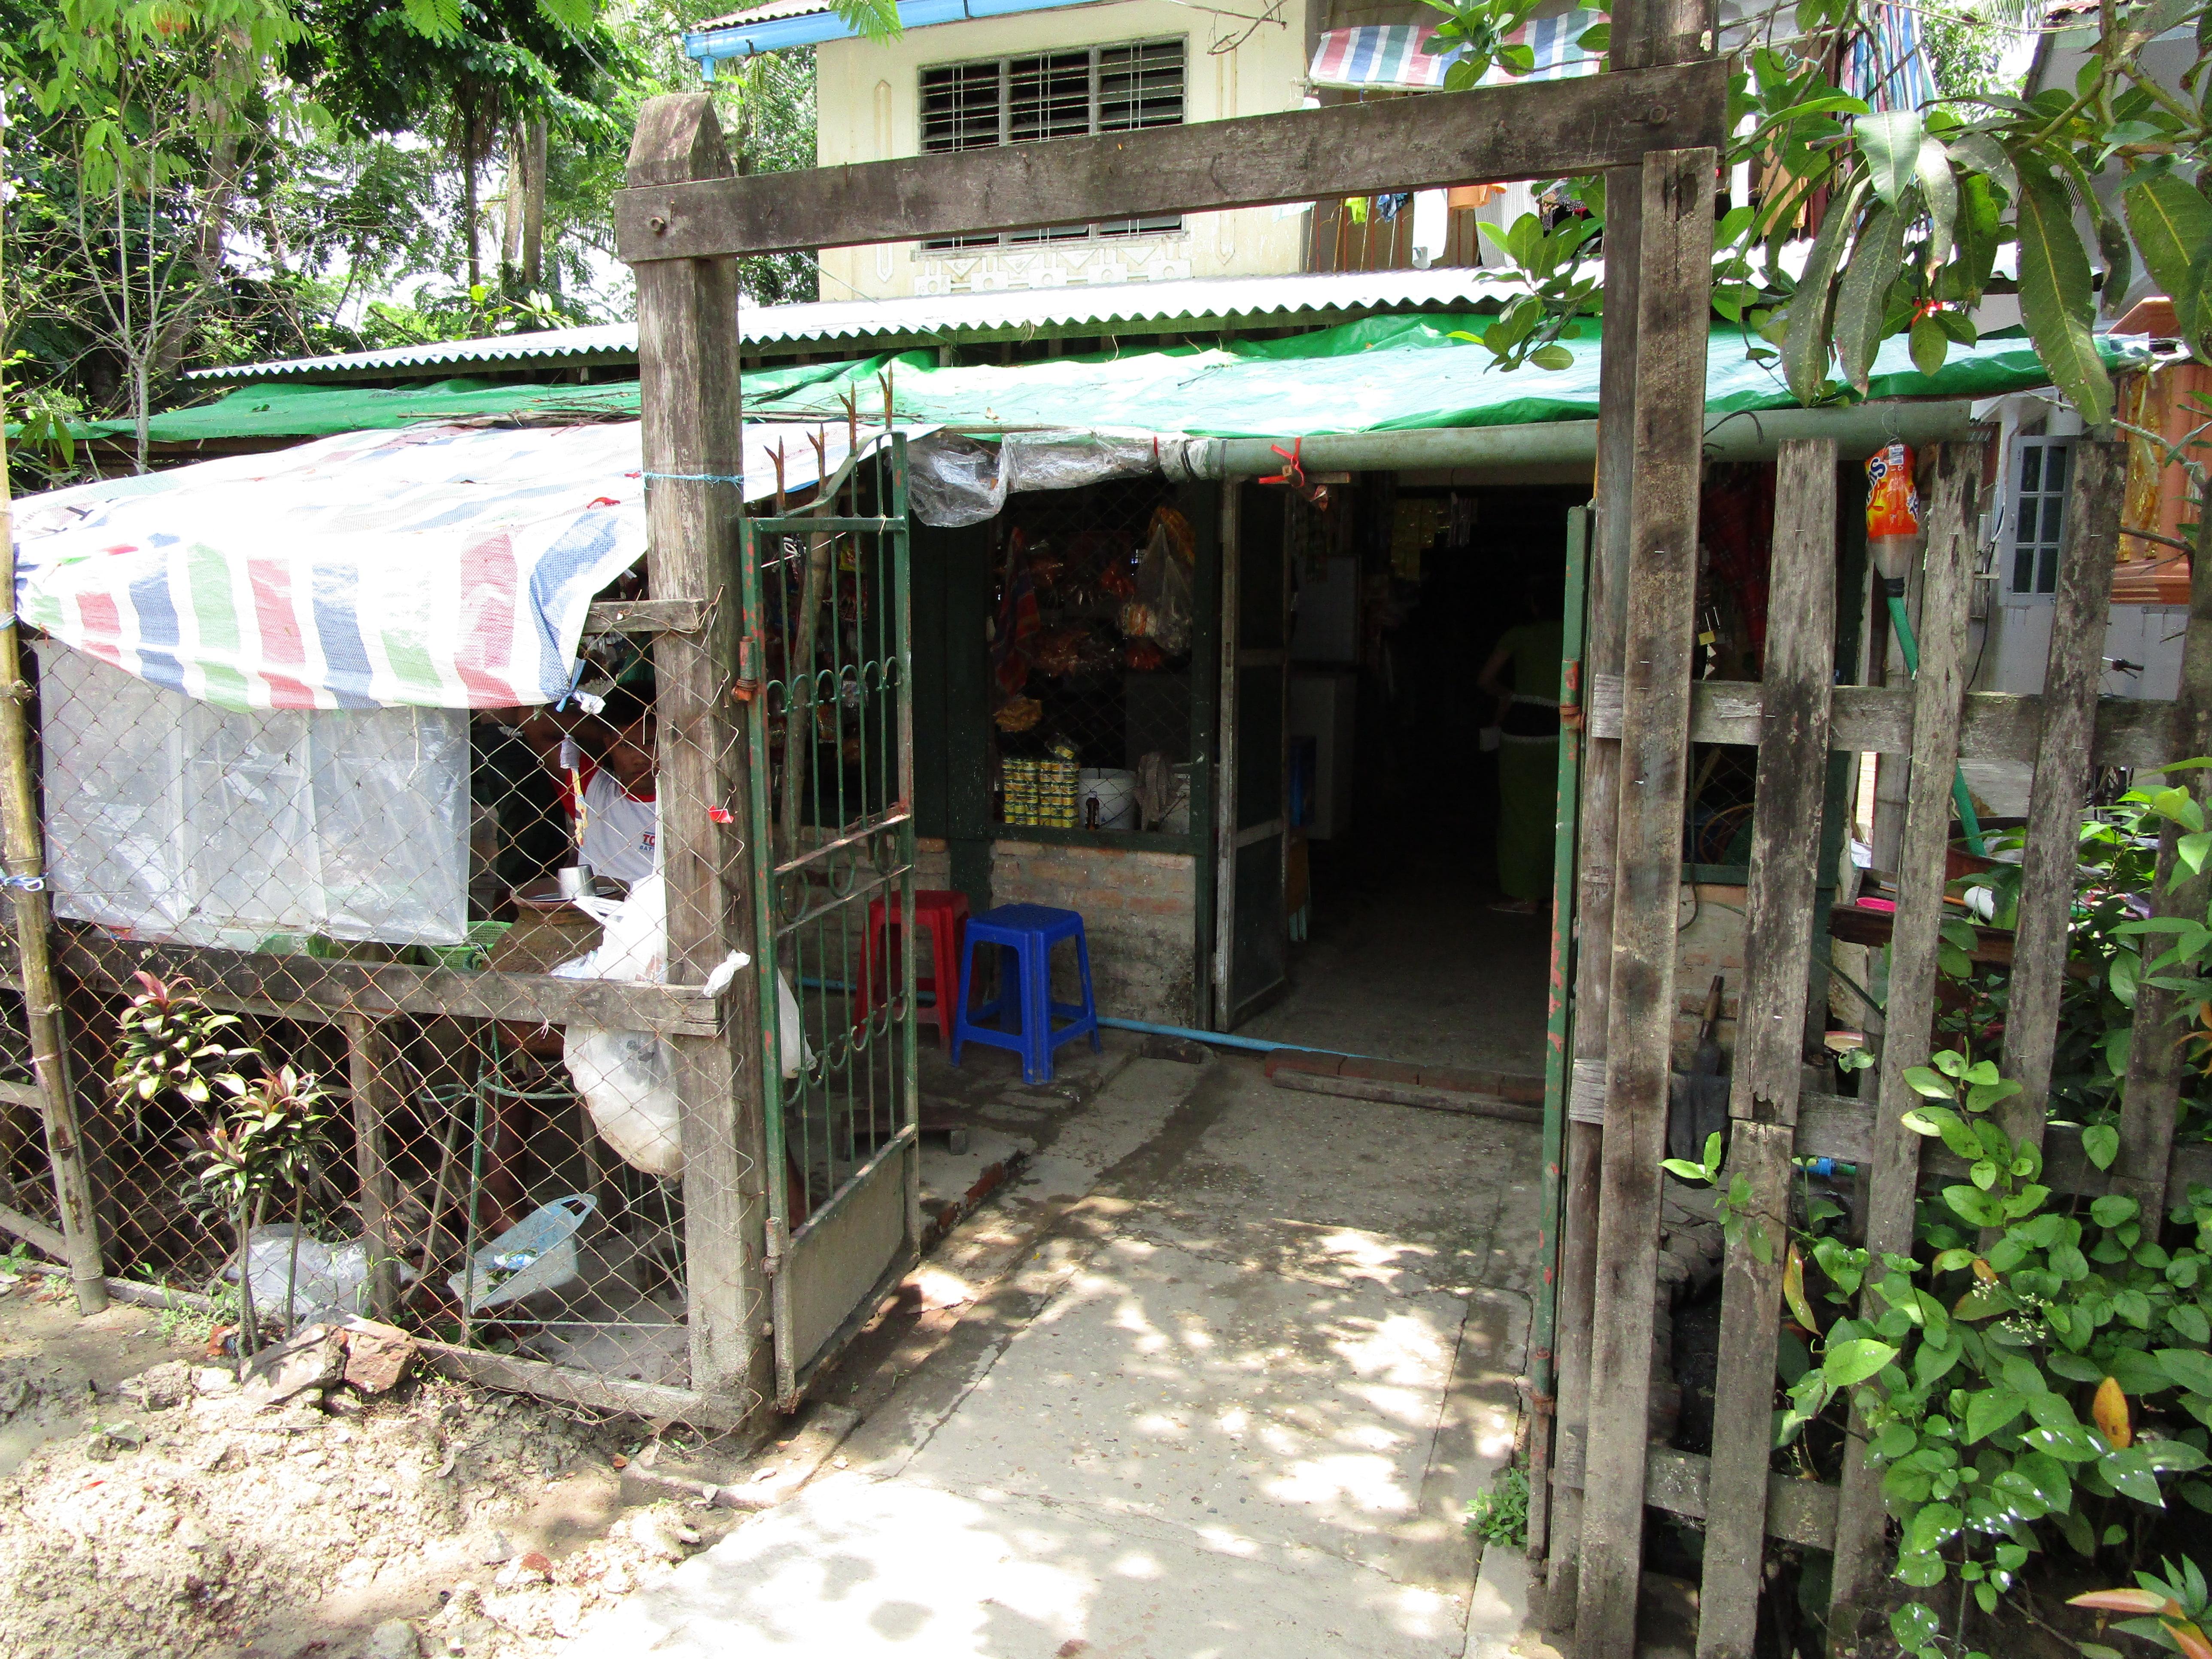 ミャンマーの雑貨屋、外観